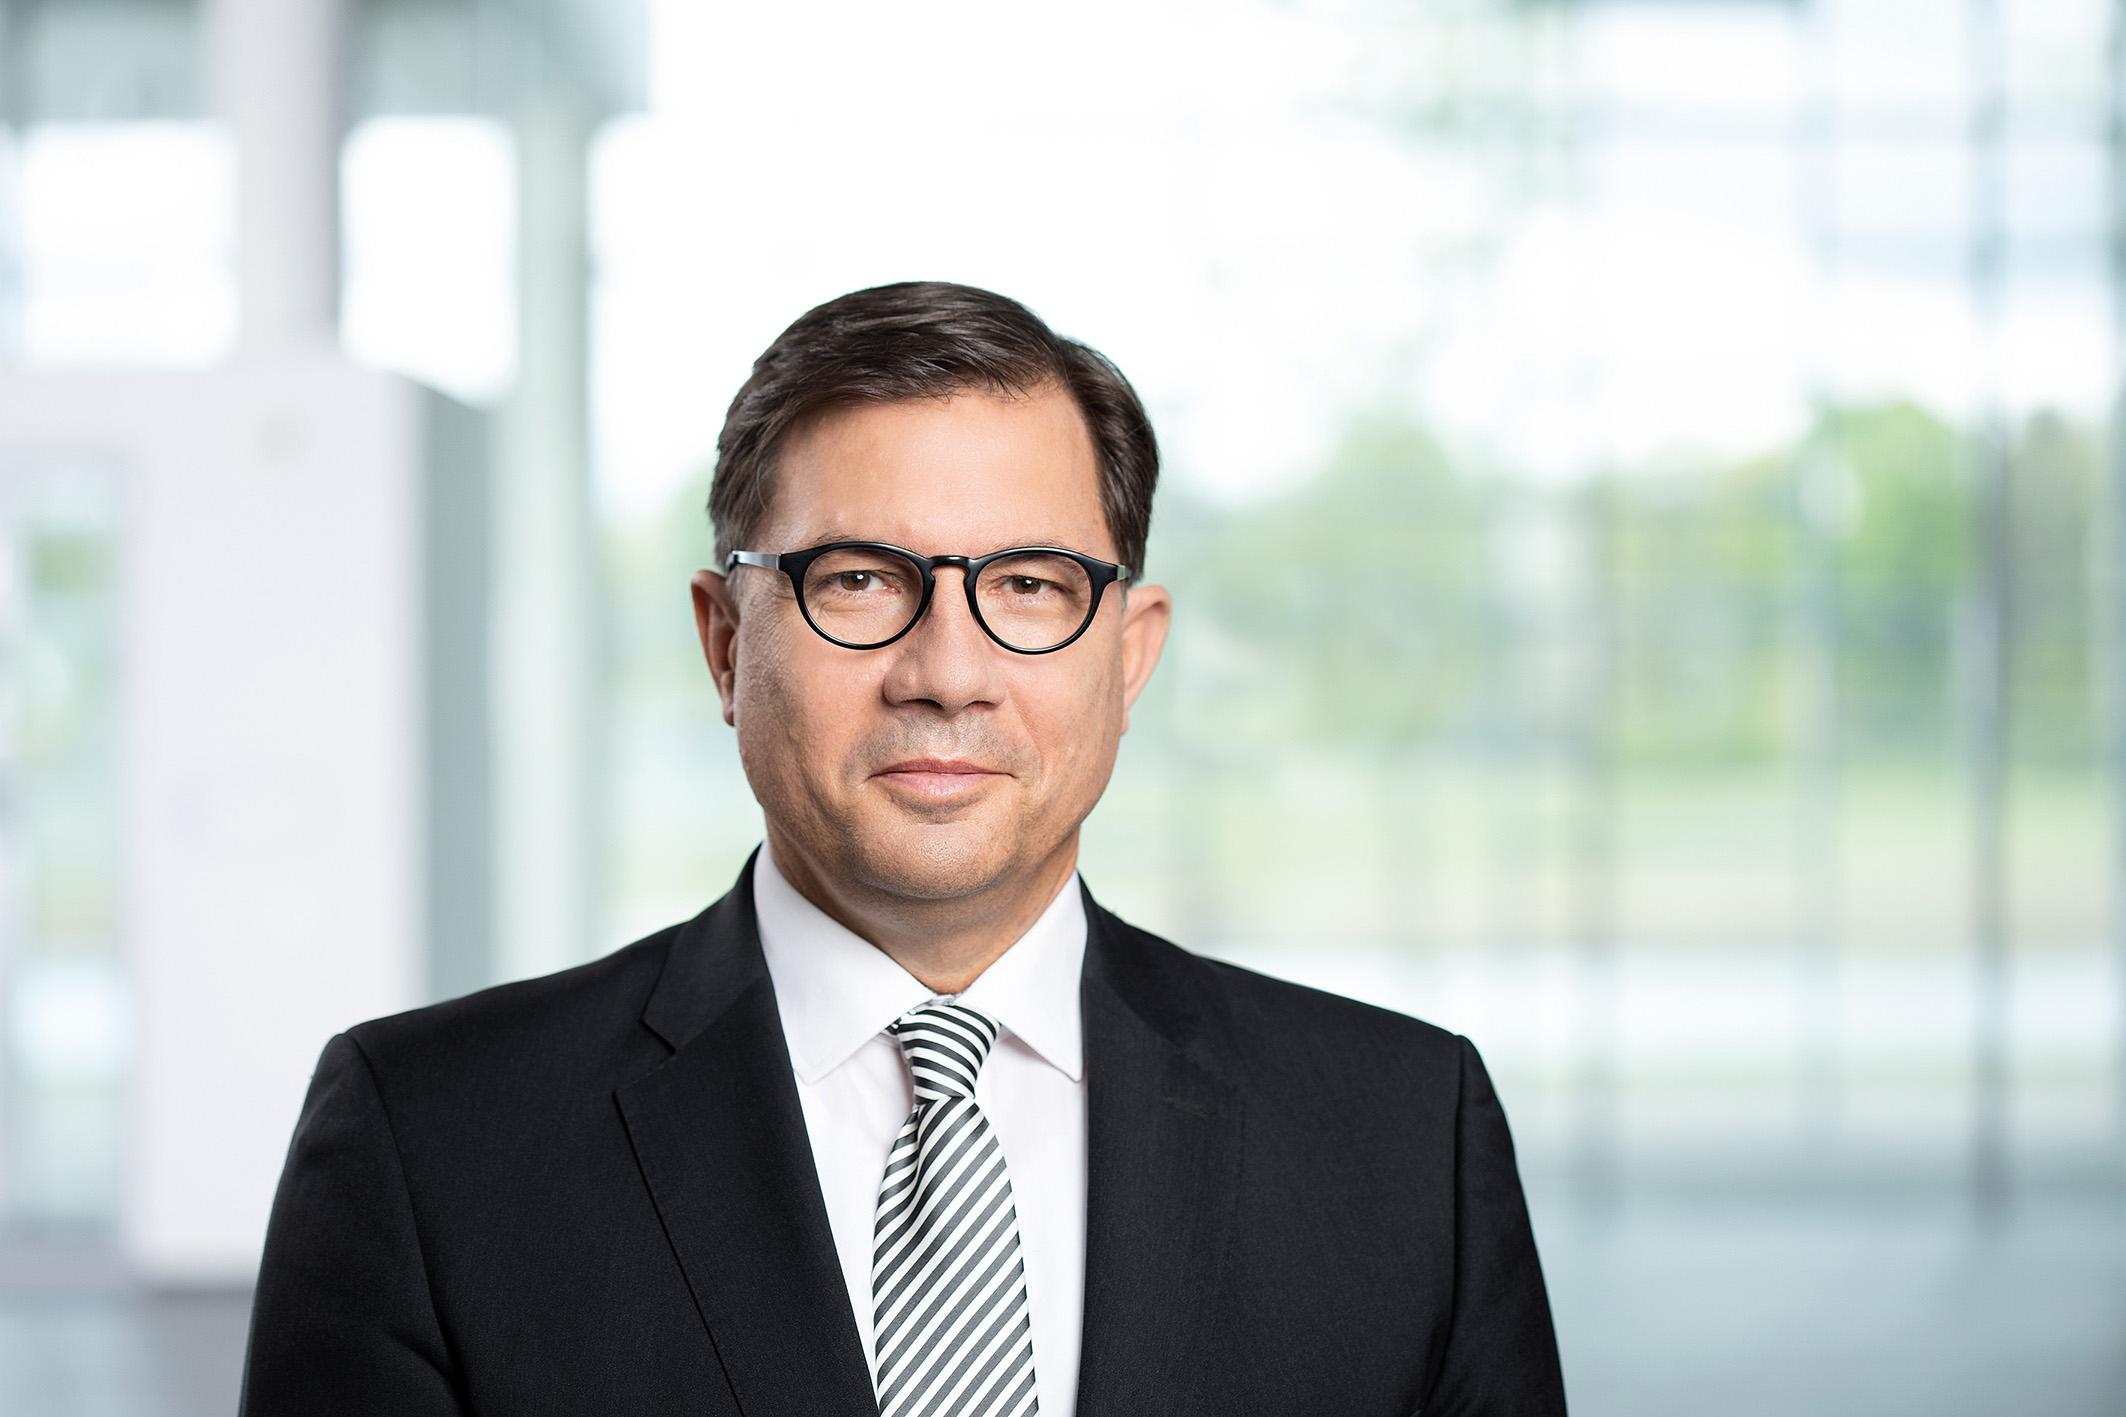 Hybridanleihen zur Refinanzierung der Cypress-Übernahme durch Infineon